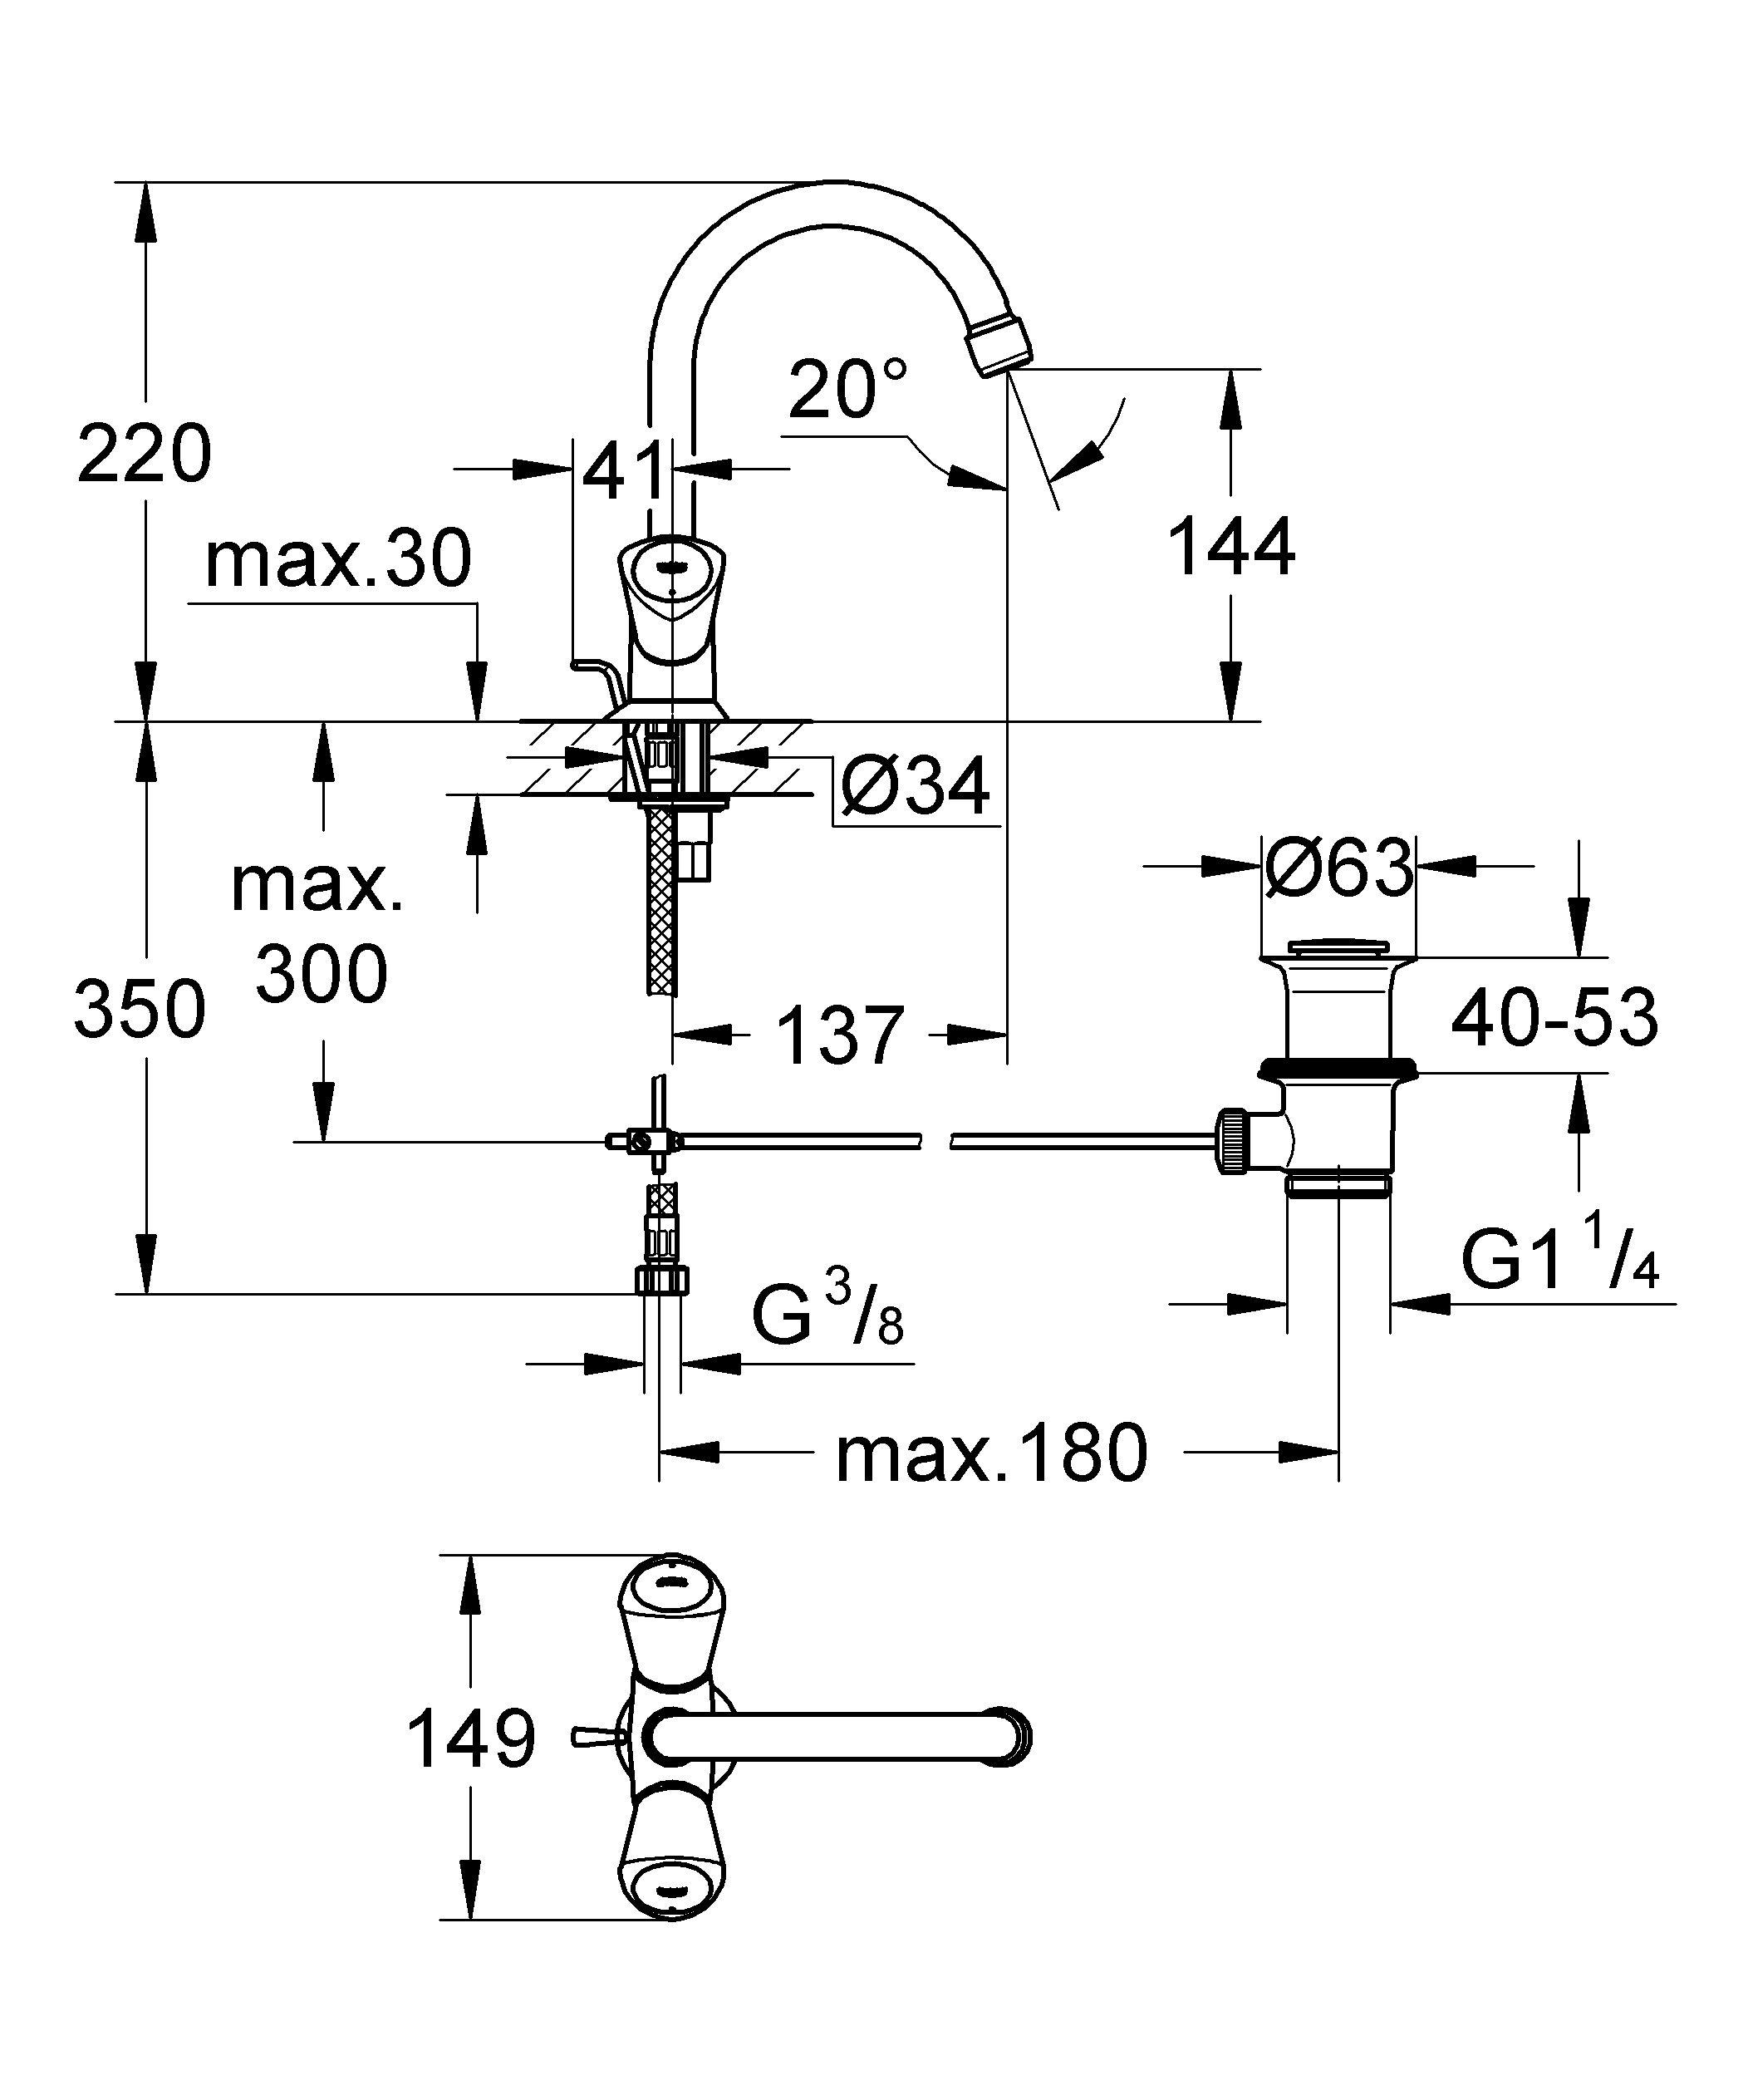 Металлические рукоятки  С теплоизоляцией  Привинчивающаяся  Carbodur керамический вентиль  Поворотный трубкообразный излив с аэратором  Сливной гарнитур 1 1/4?  Гибкая подводка  GROHE StarLight хромированная поверхность    Видео по установке является исключительно информационным. Установка должна проводиться профессионалами! Характеристики:    Материал: металл. Цвет: хром. Количество монтажных отверстий: 1. Размер упаковки: 44,5 см x 16,5 см x 7 см. Артикул: 21257001.